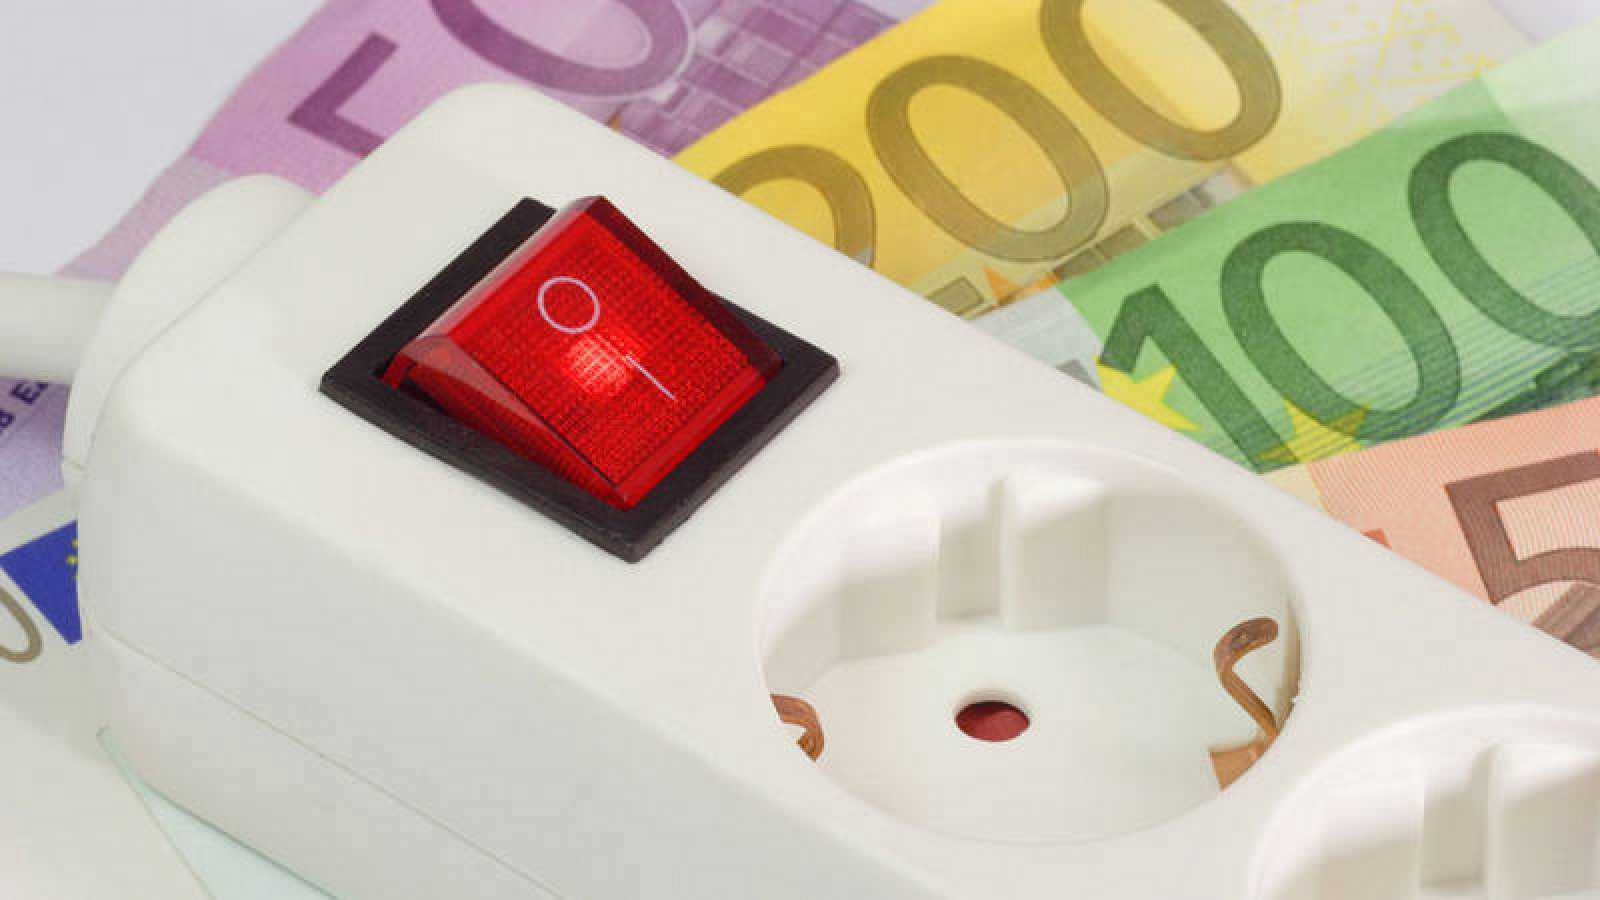 Una regleta de enchufes sobre varios billetes de euro